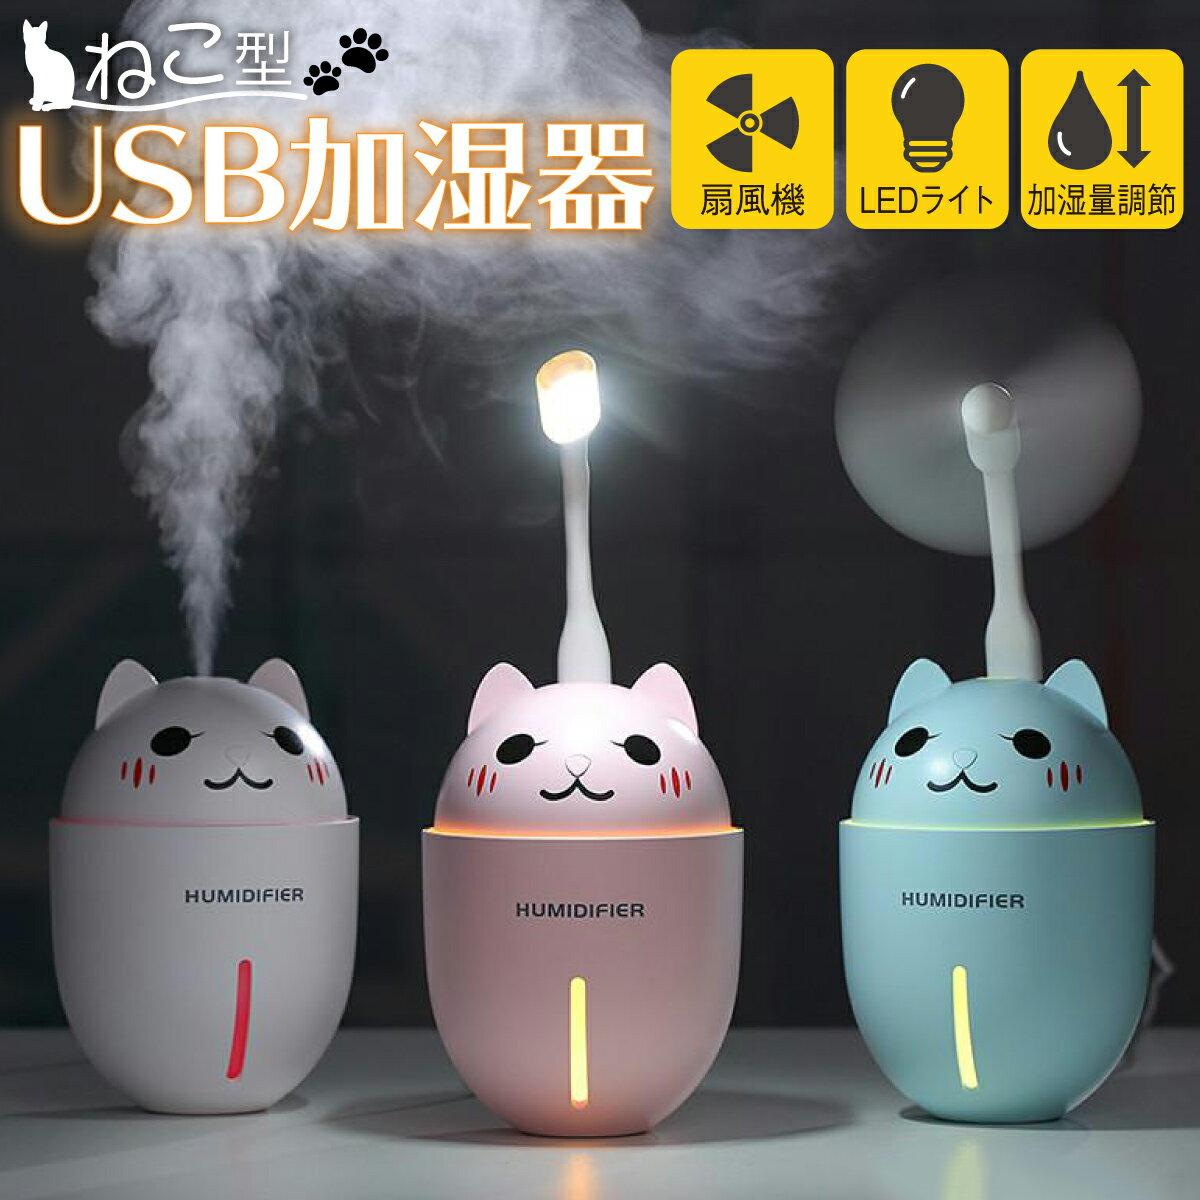 加湿器 卓上 オフィース 320ml 大容量 最大12時間 超音波 USB ライト 扇風機 USB加湿器 USB ミニ加湿器 おしゃれ かわいい スチーム ml-y1